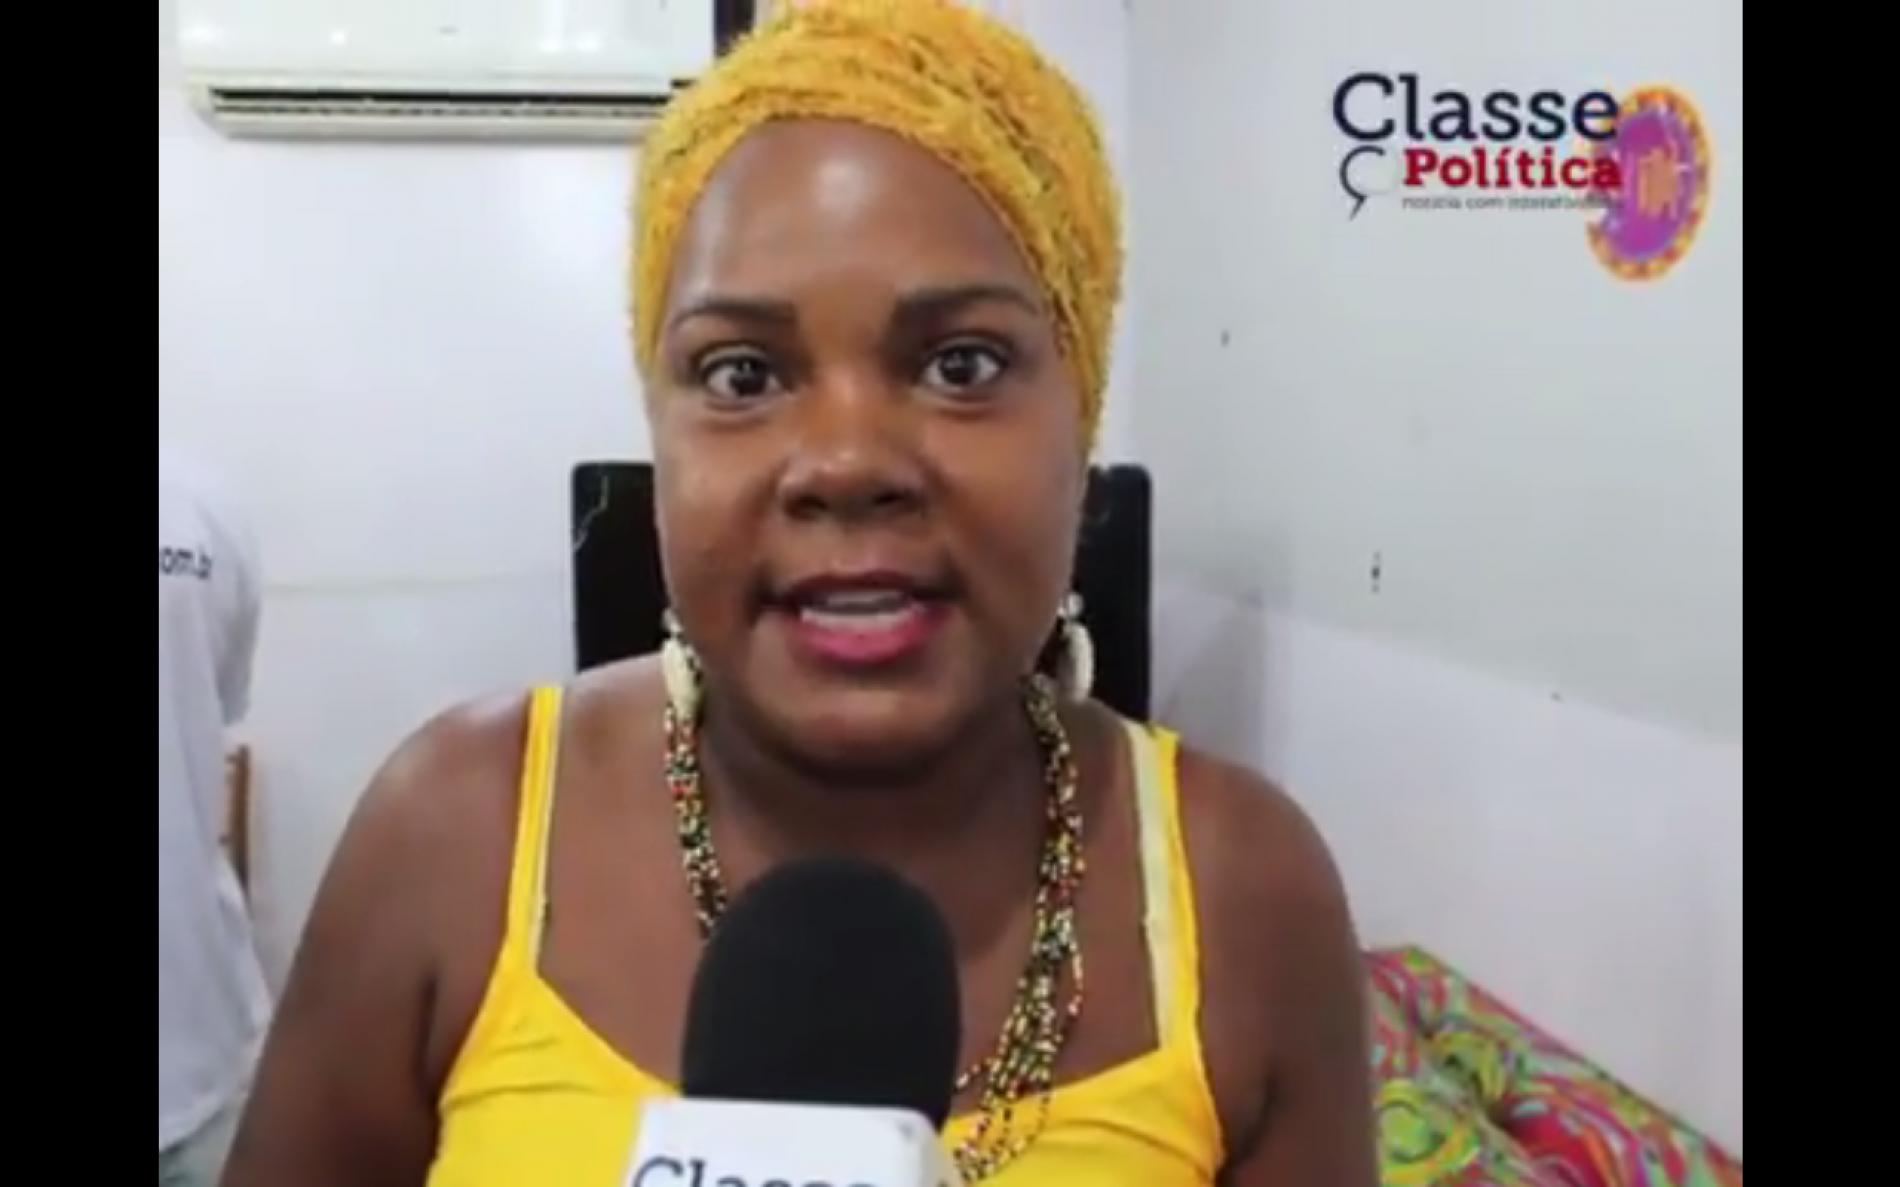 Diretora da Unegro, Sirlene Vanessa defende combate violência no carnaval de Salvador